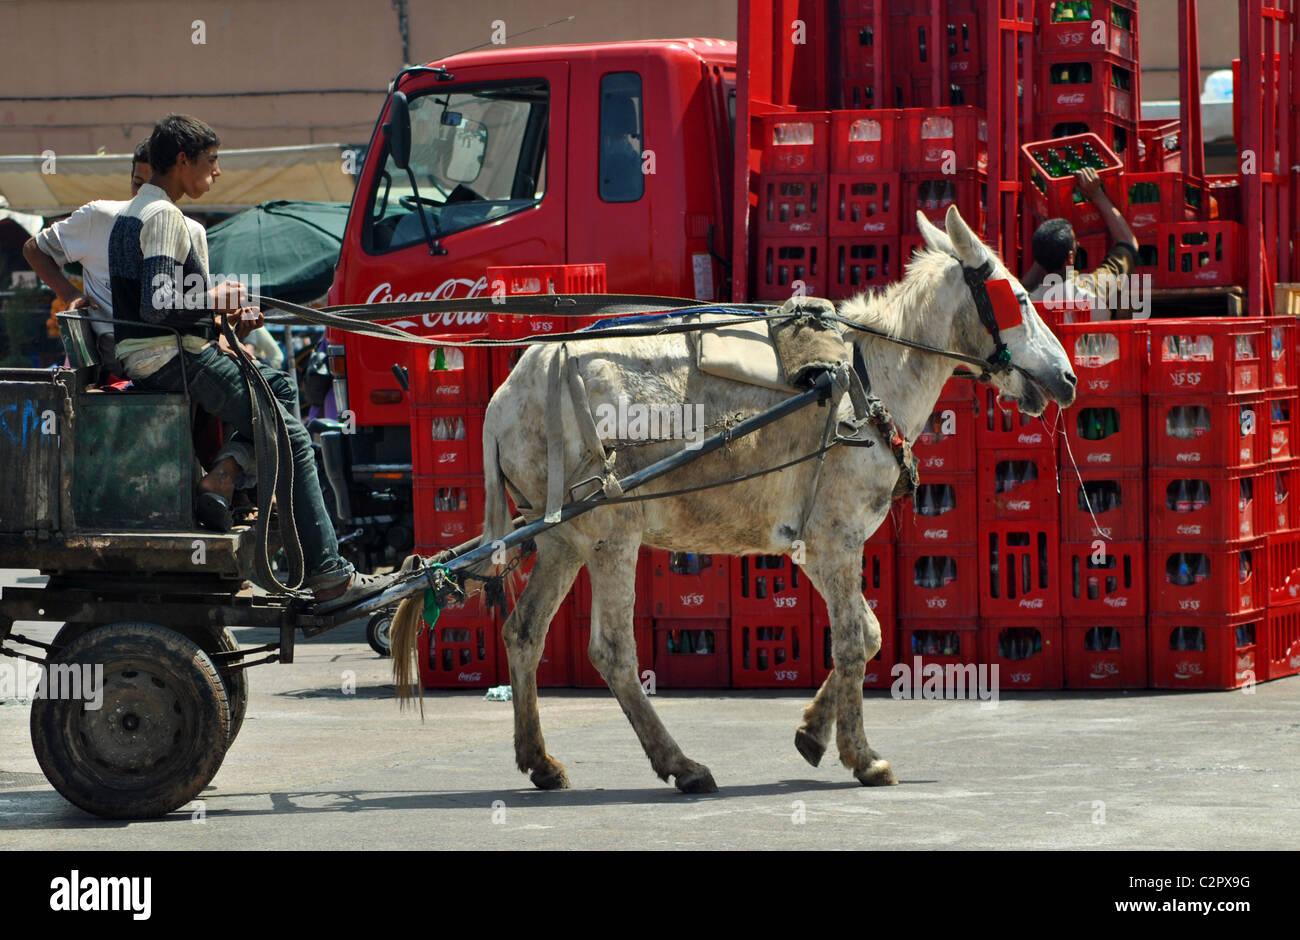 Carrello asino e Coca Cola carrello, Marrakech, Marocco Immagini Stock